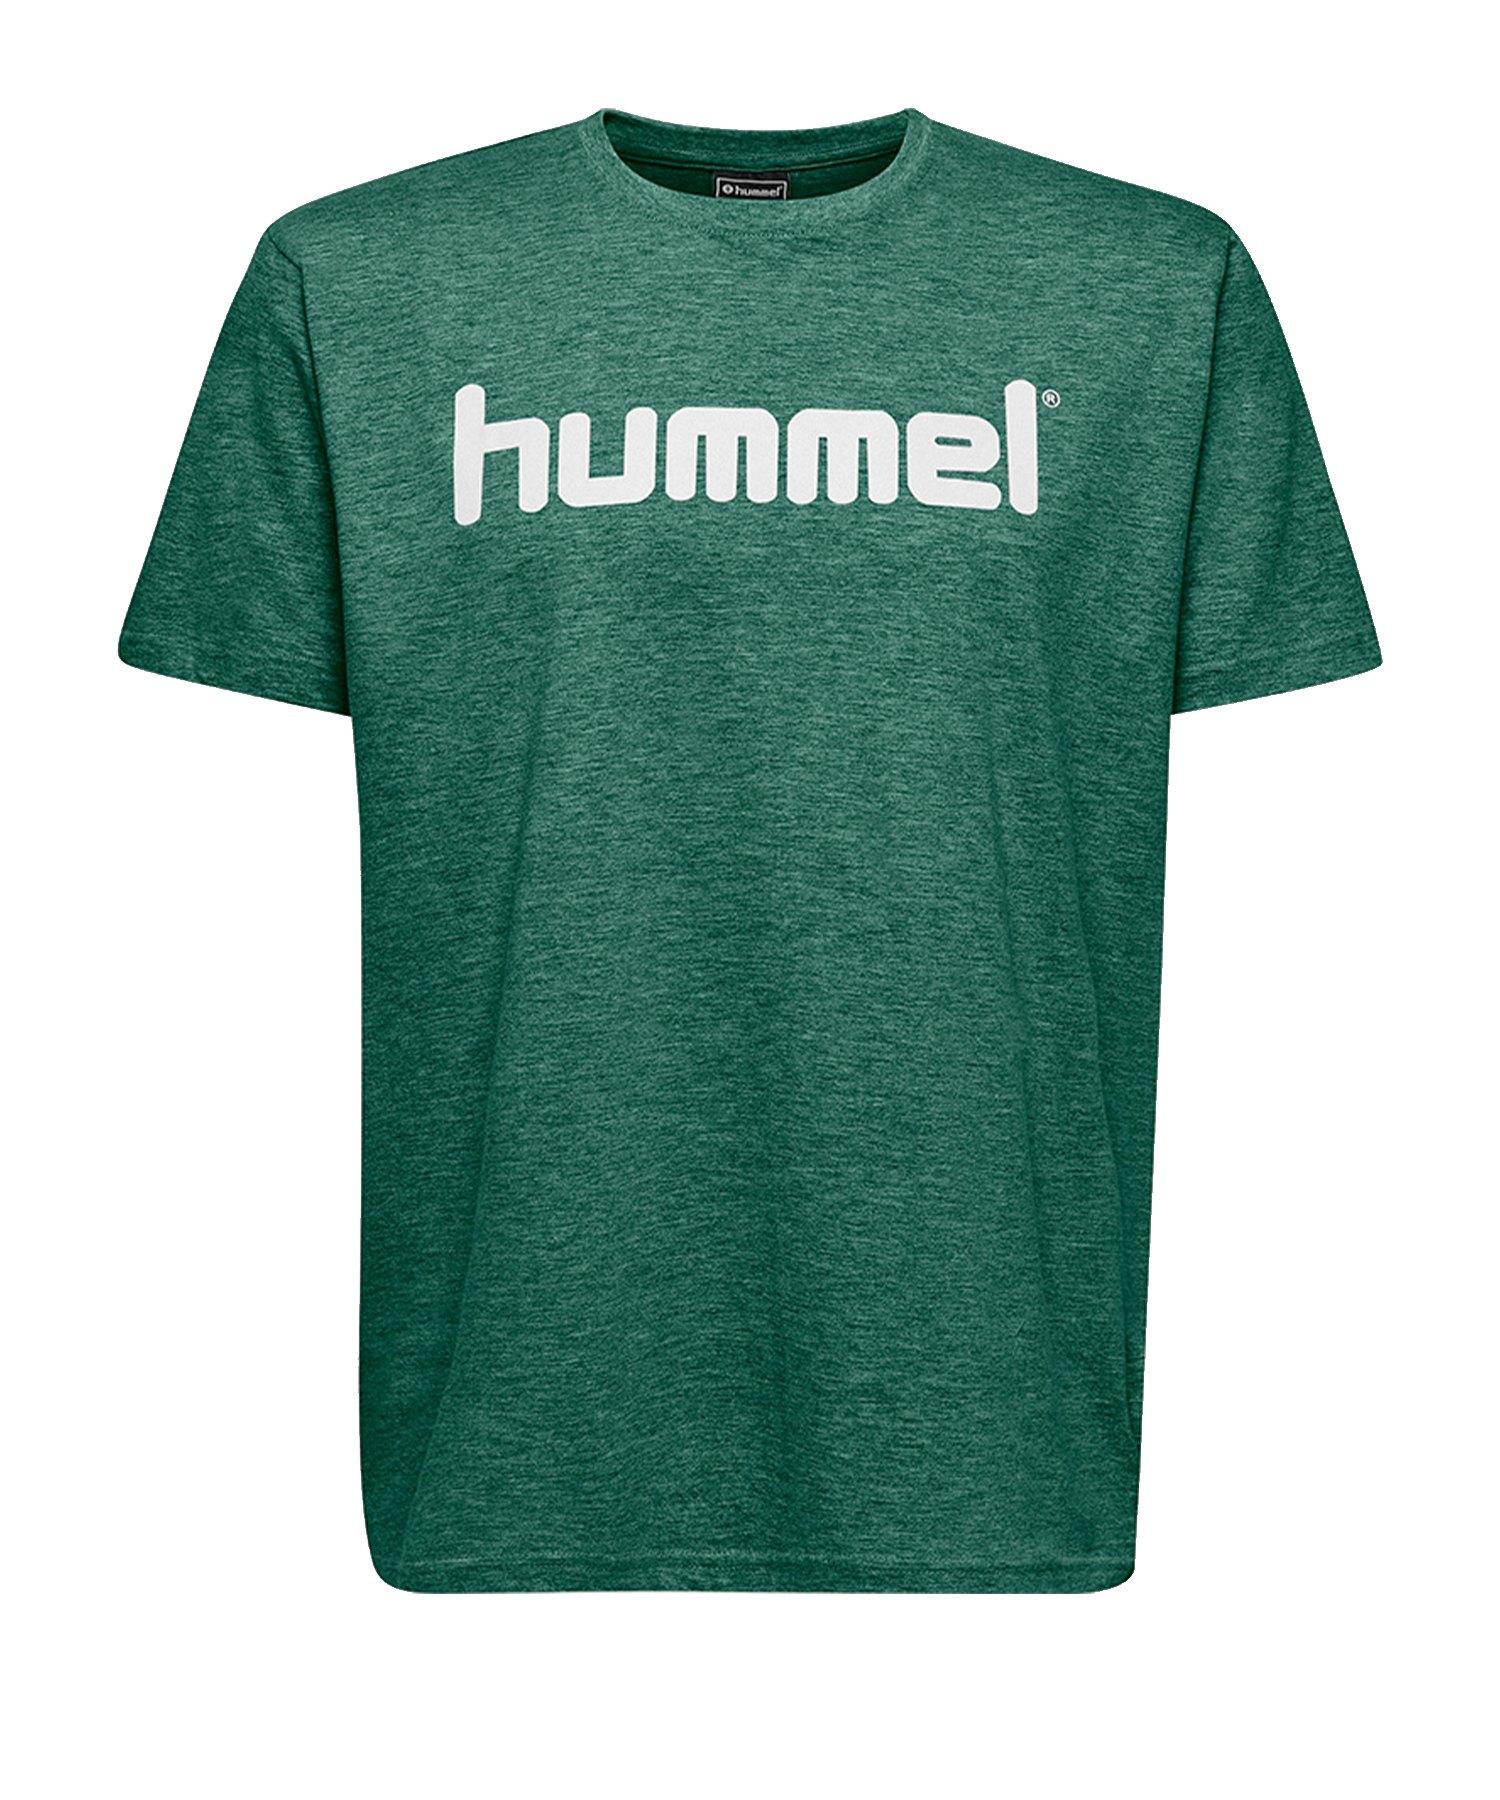 Hummel Cotton T-Shirt Logo Kids Grün F6140 - Gruen